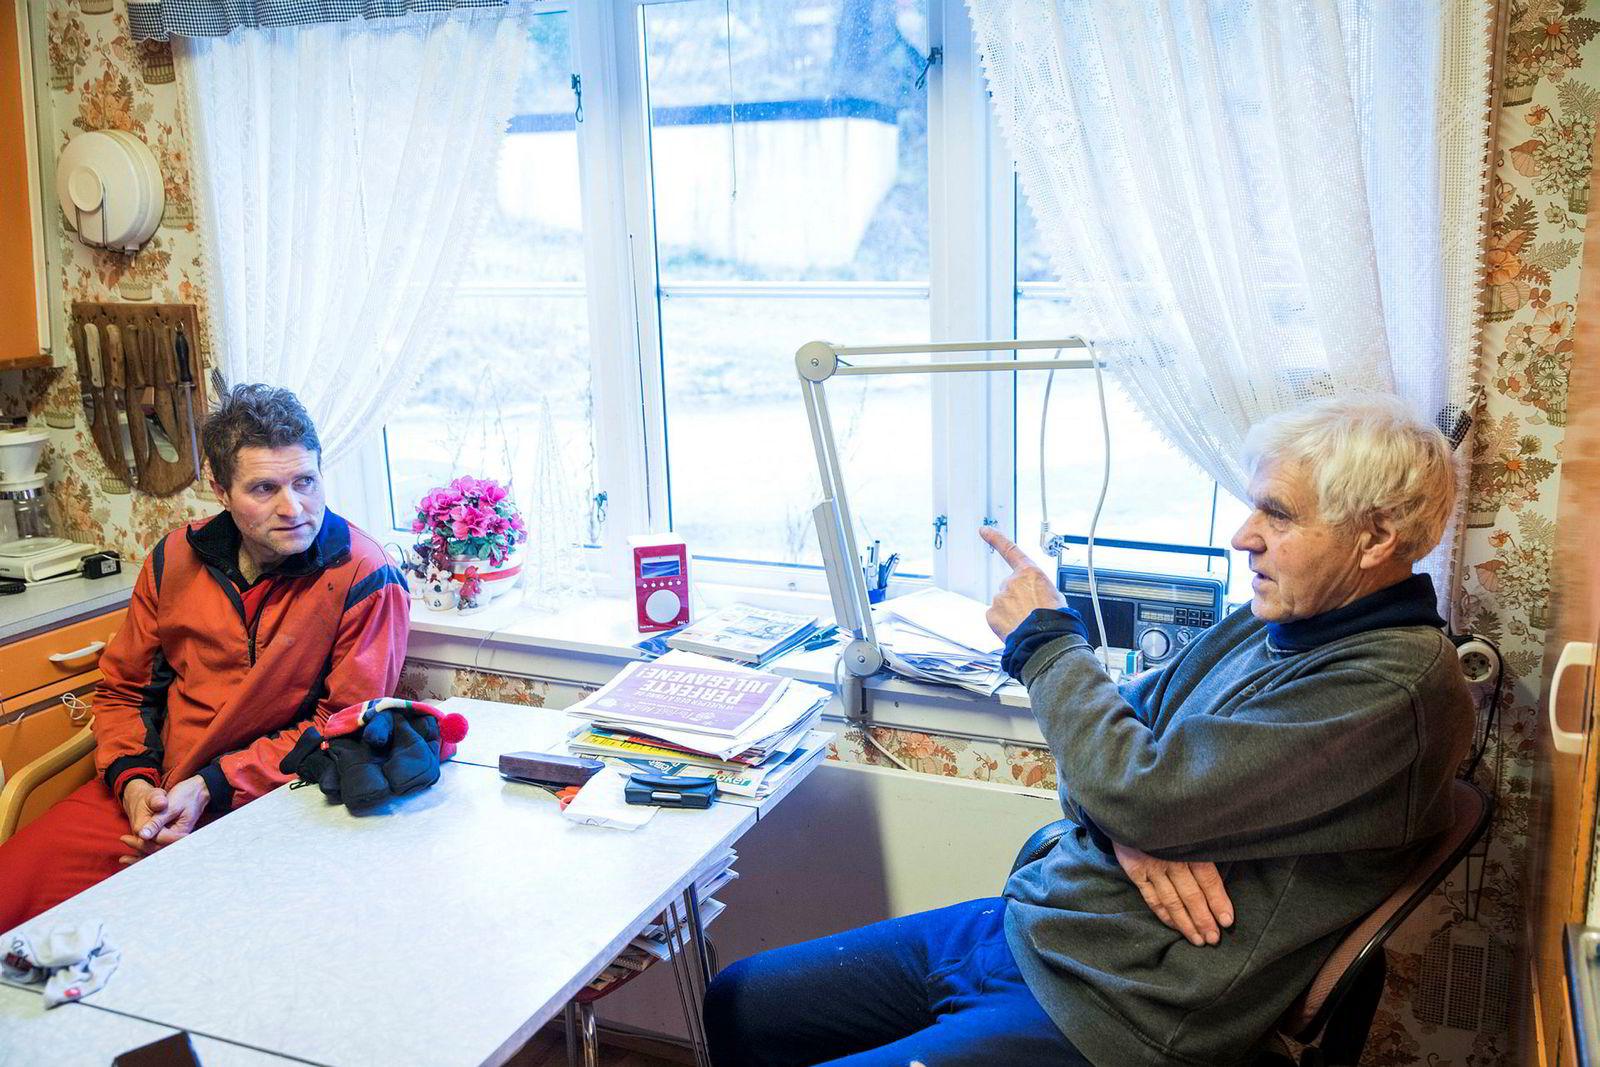 Forfatter og folklorist Thor Gotaas og Arne Baklien på Bjørnholt snakker om snøforholdene i marka på kjøkkenet til Baklien.